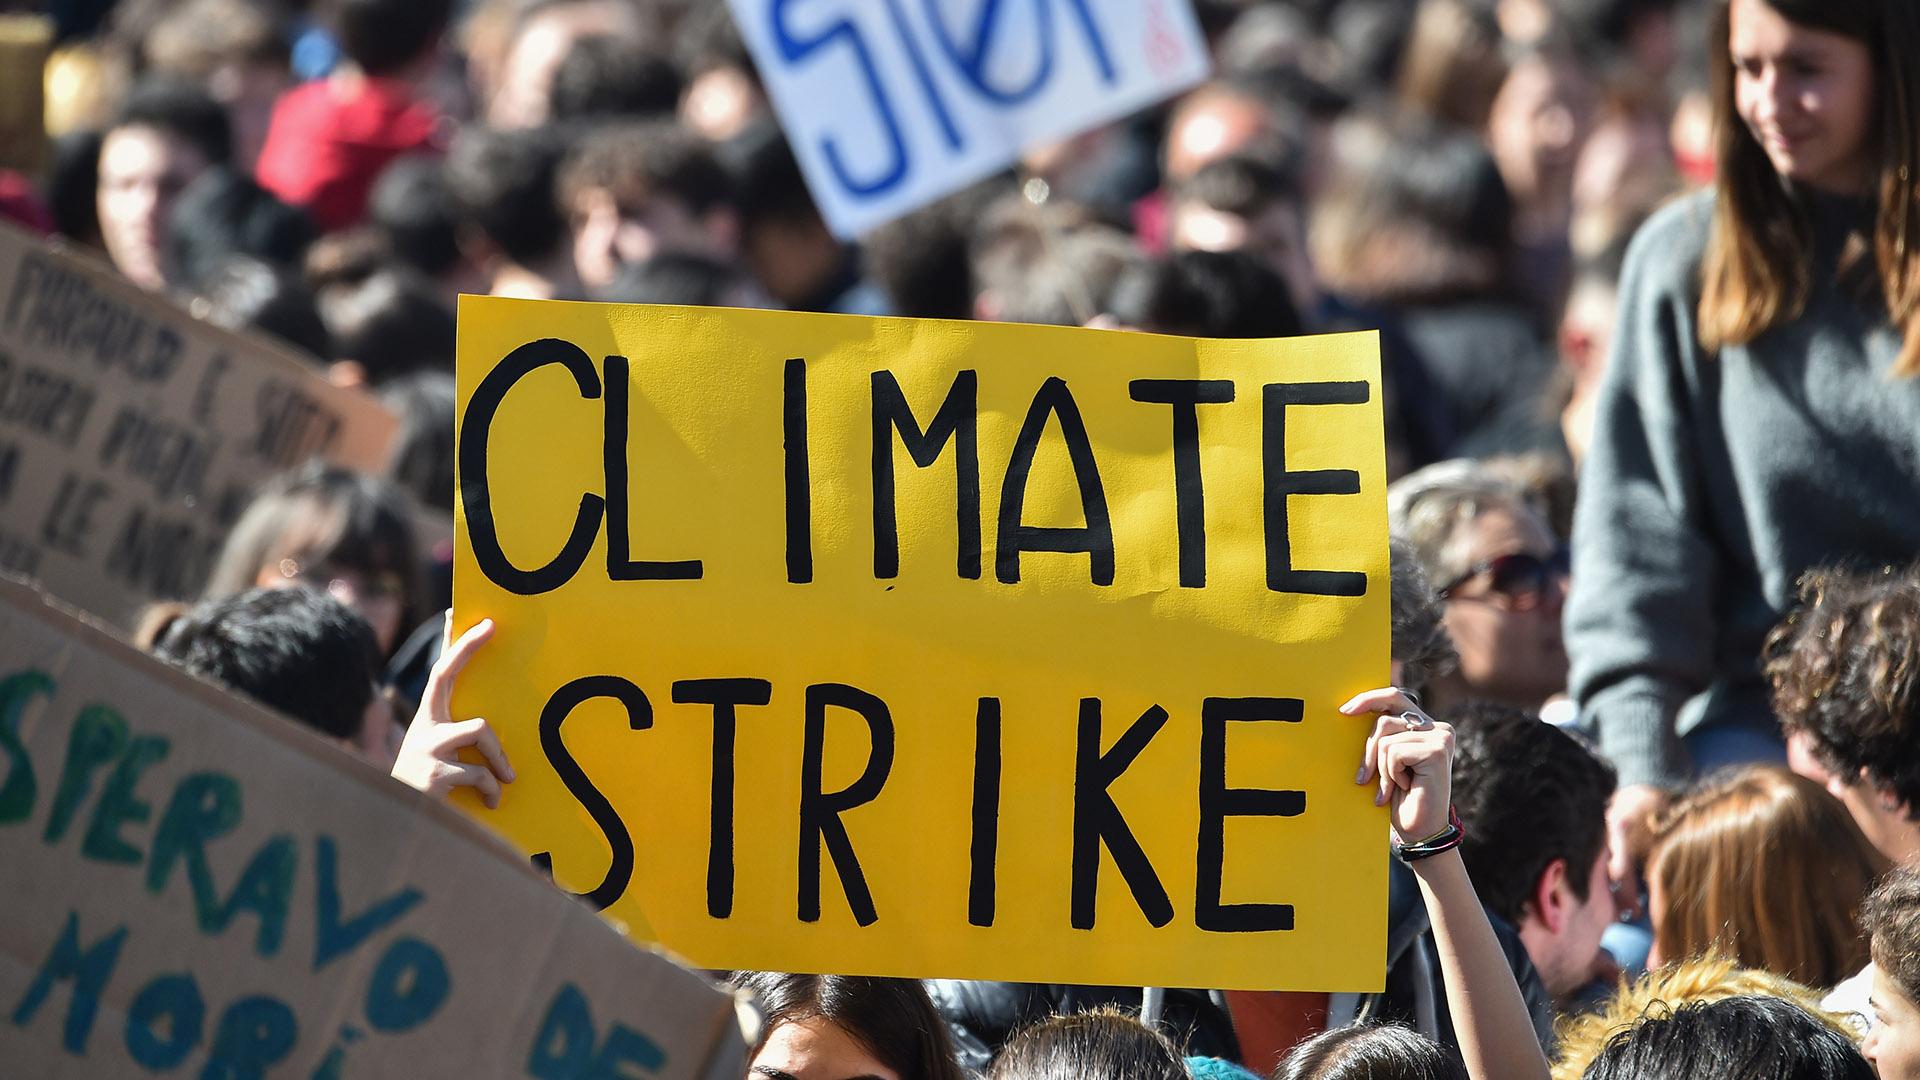 Los estudiantes sostienen pancartas durante una protesta contra el calentamiento global en el centro de Roma el 15 de marzo de 2019. (Foto de Andreas SOLARO / AFP)